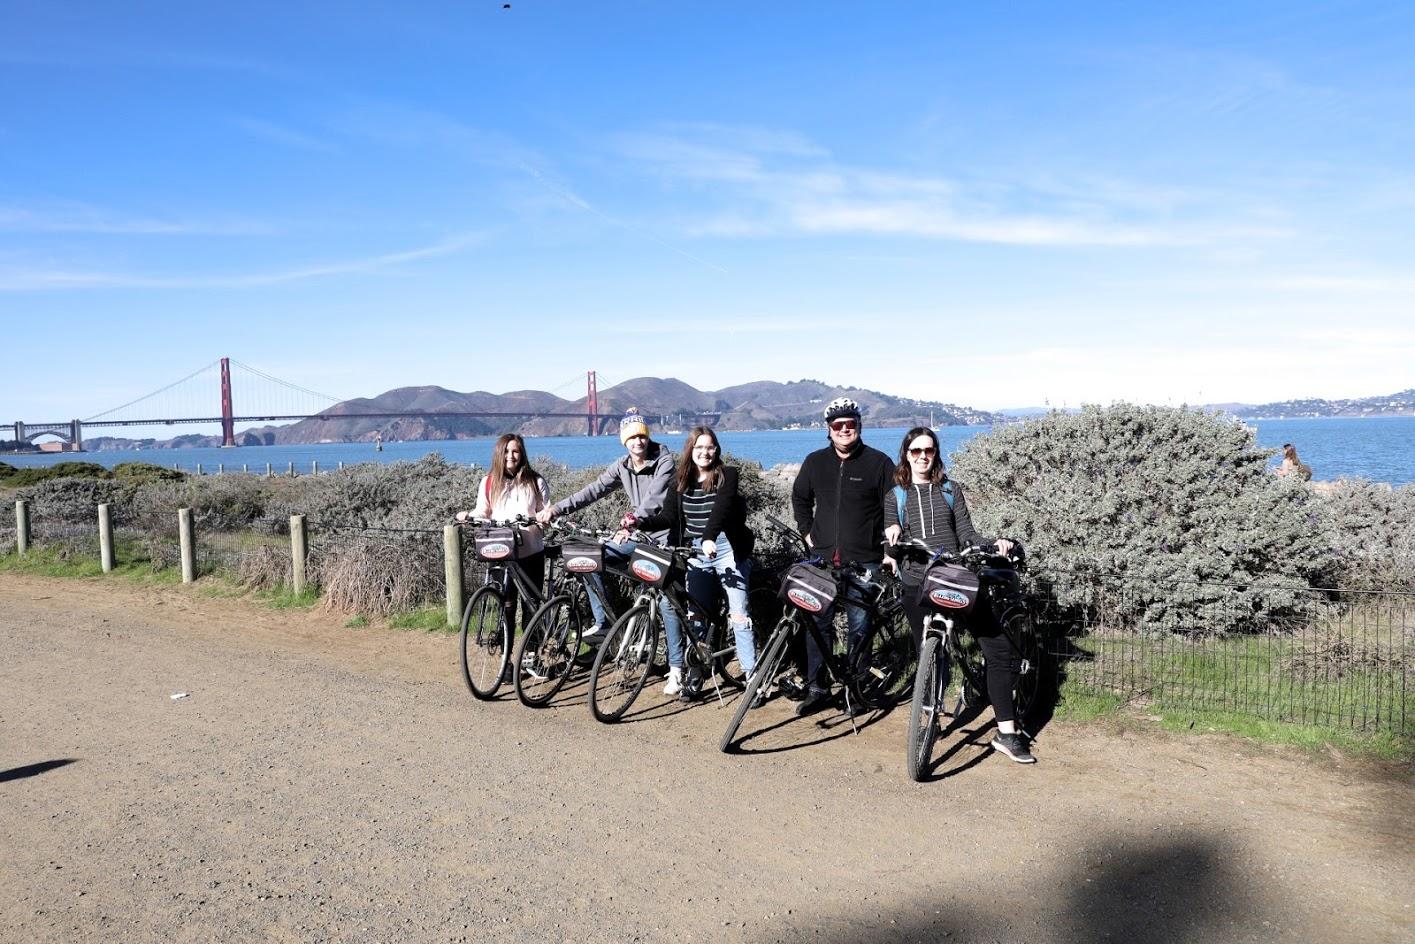 sf_bikes2.JPG